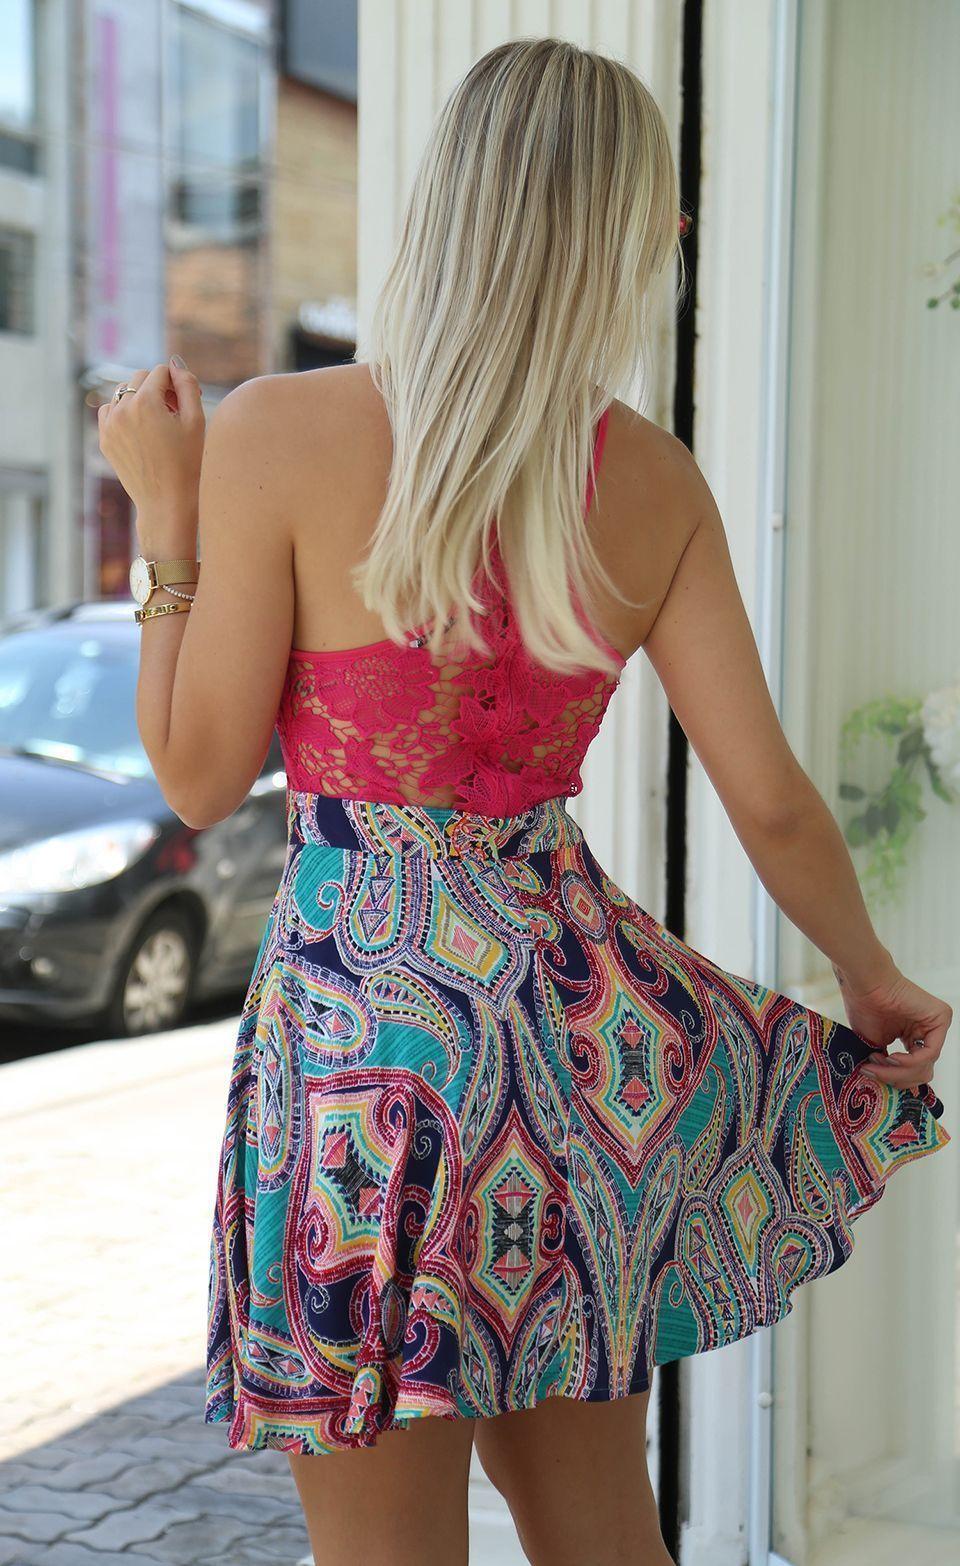 """Foto: Reprodução / <a href=""""http://laylamonteiro.com/here-comes-the-summer/"""" target=""""_blank"""">Layla Monteiro</a>"""